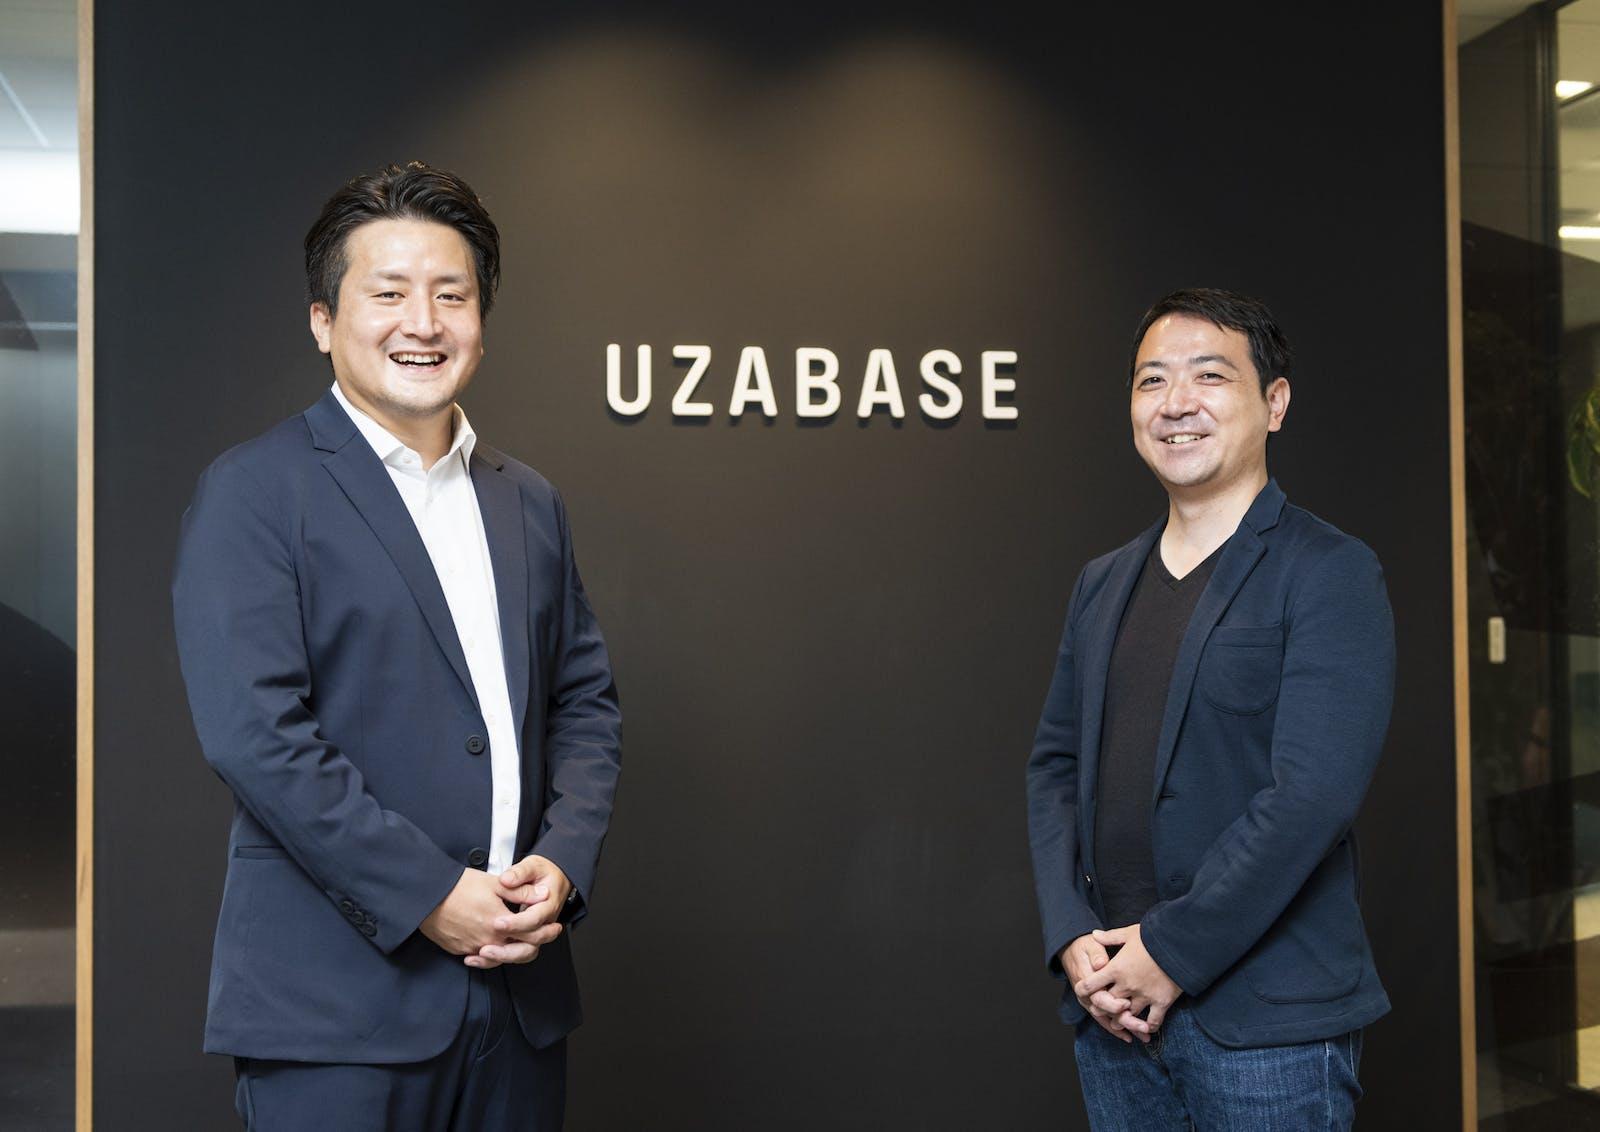 日本発グローバルベンチャーを目指すユーザベース、経済情報に関わる新たなコンテンツやサービスを募集!